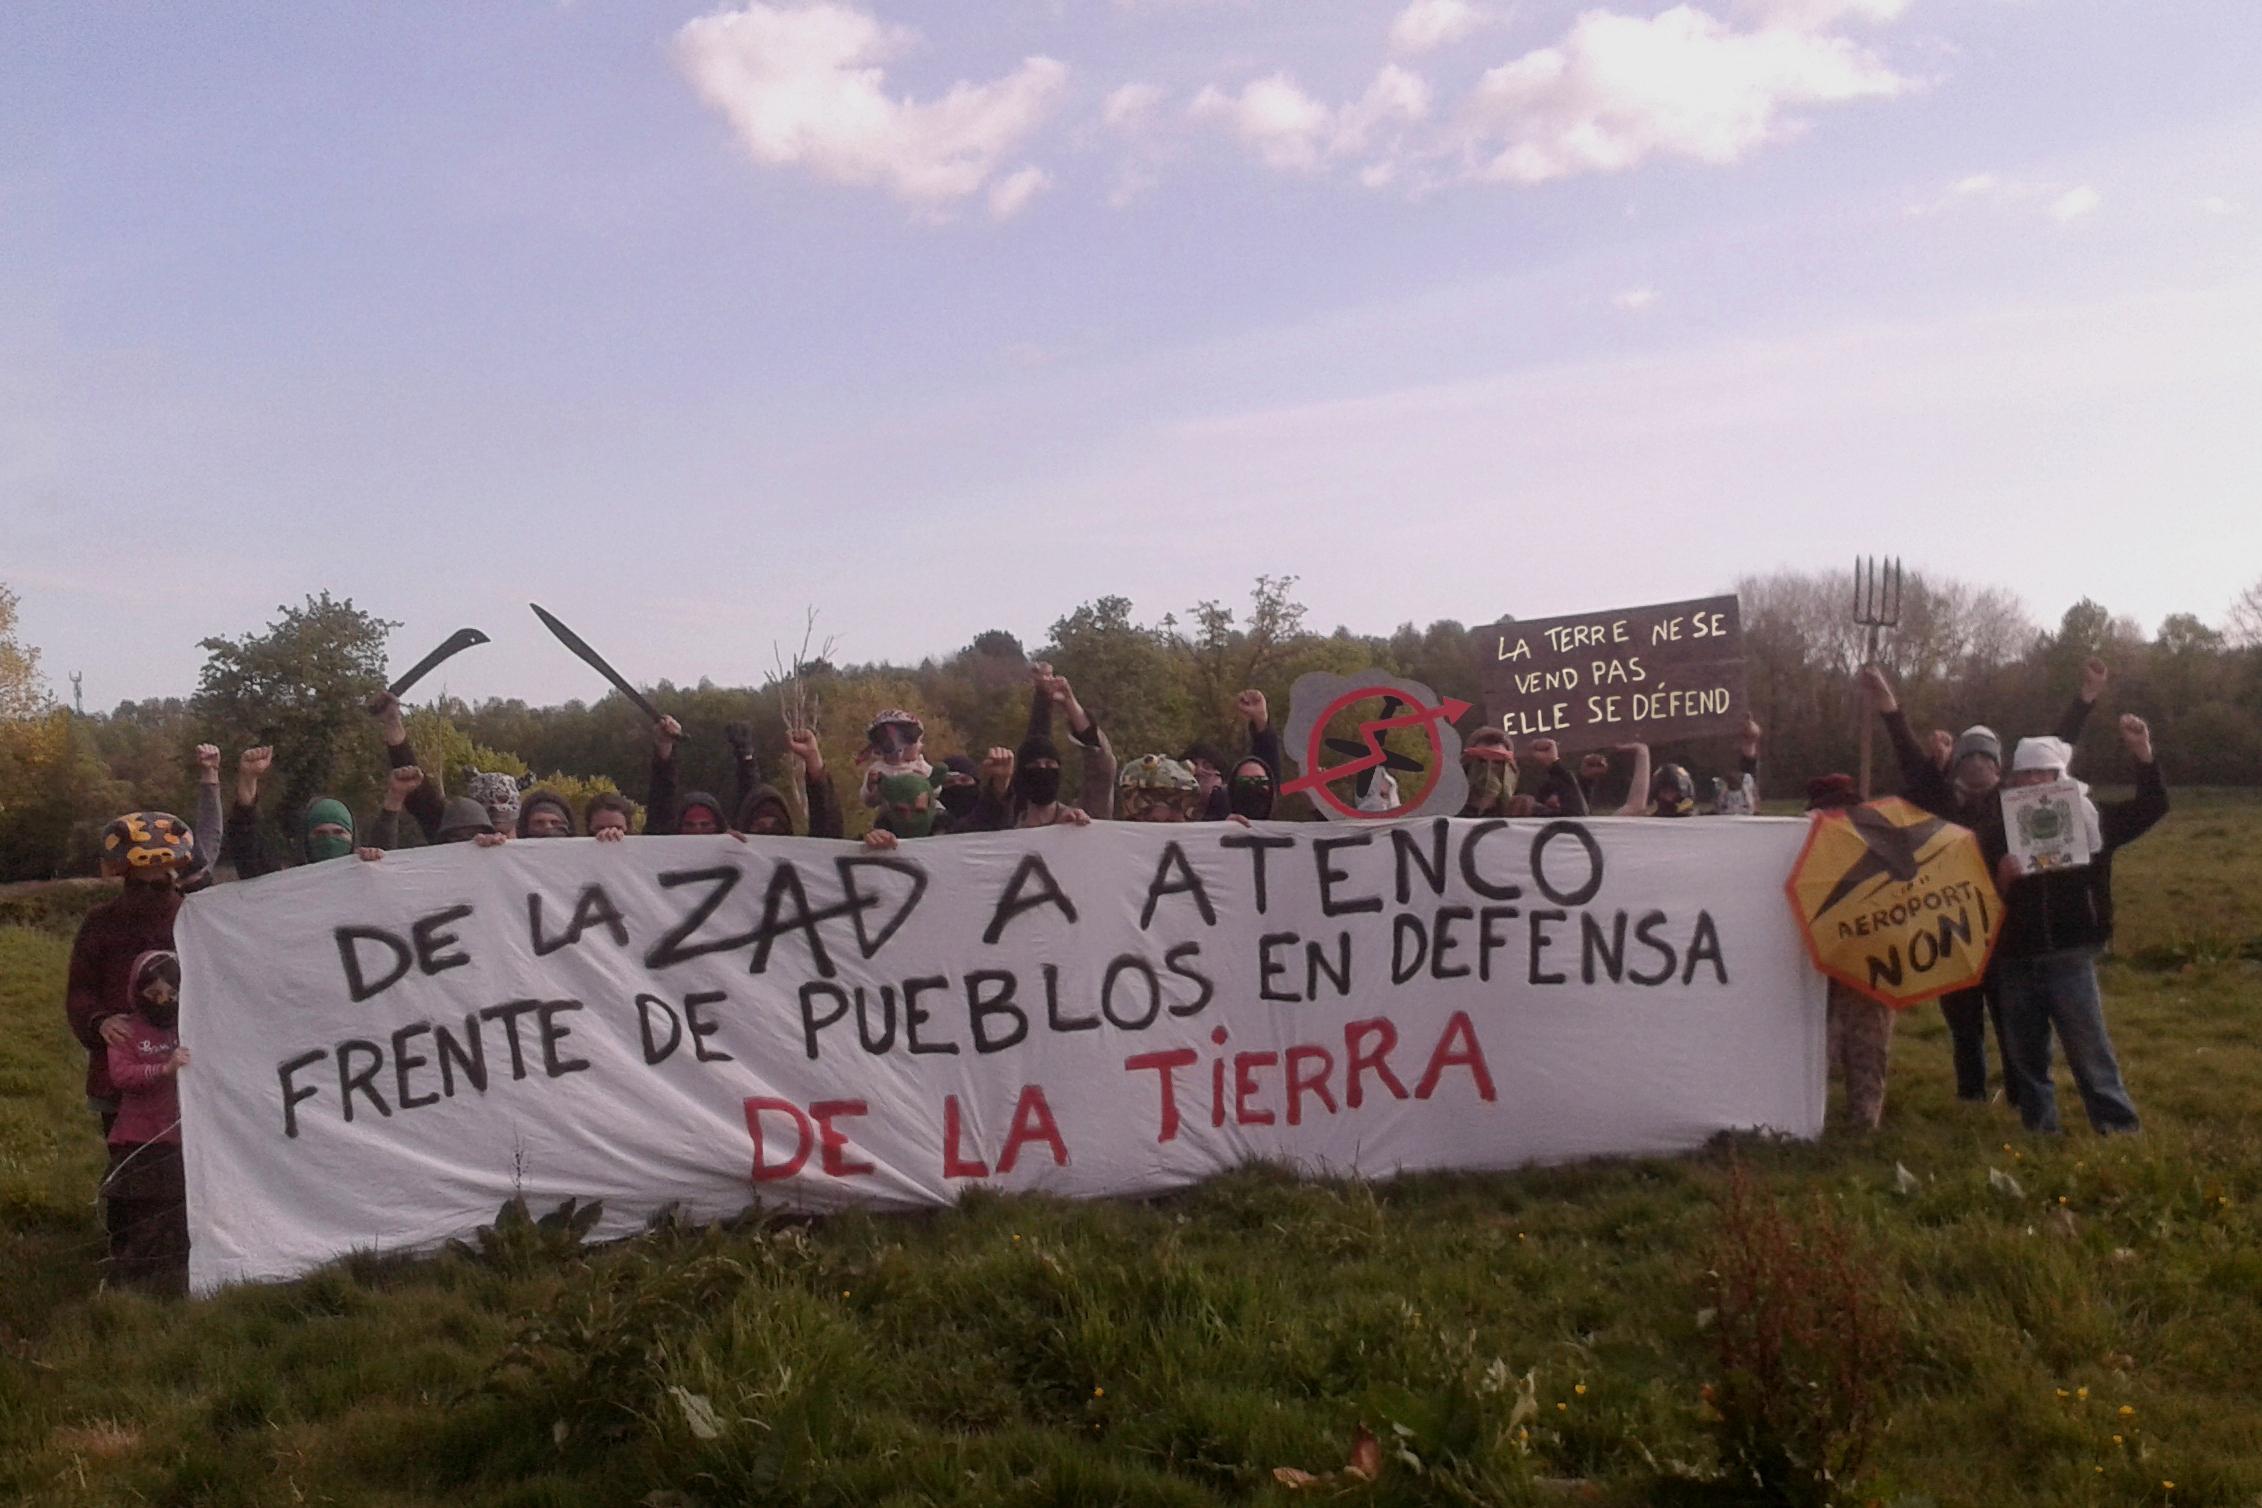 Soirée de solidarité Atenco – Notre Dame des Landes, organisée par le Collectif Paris-Ayotzinapa, vendredi 4 mai.